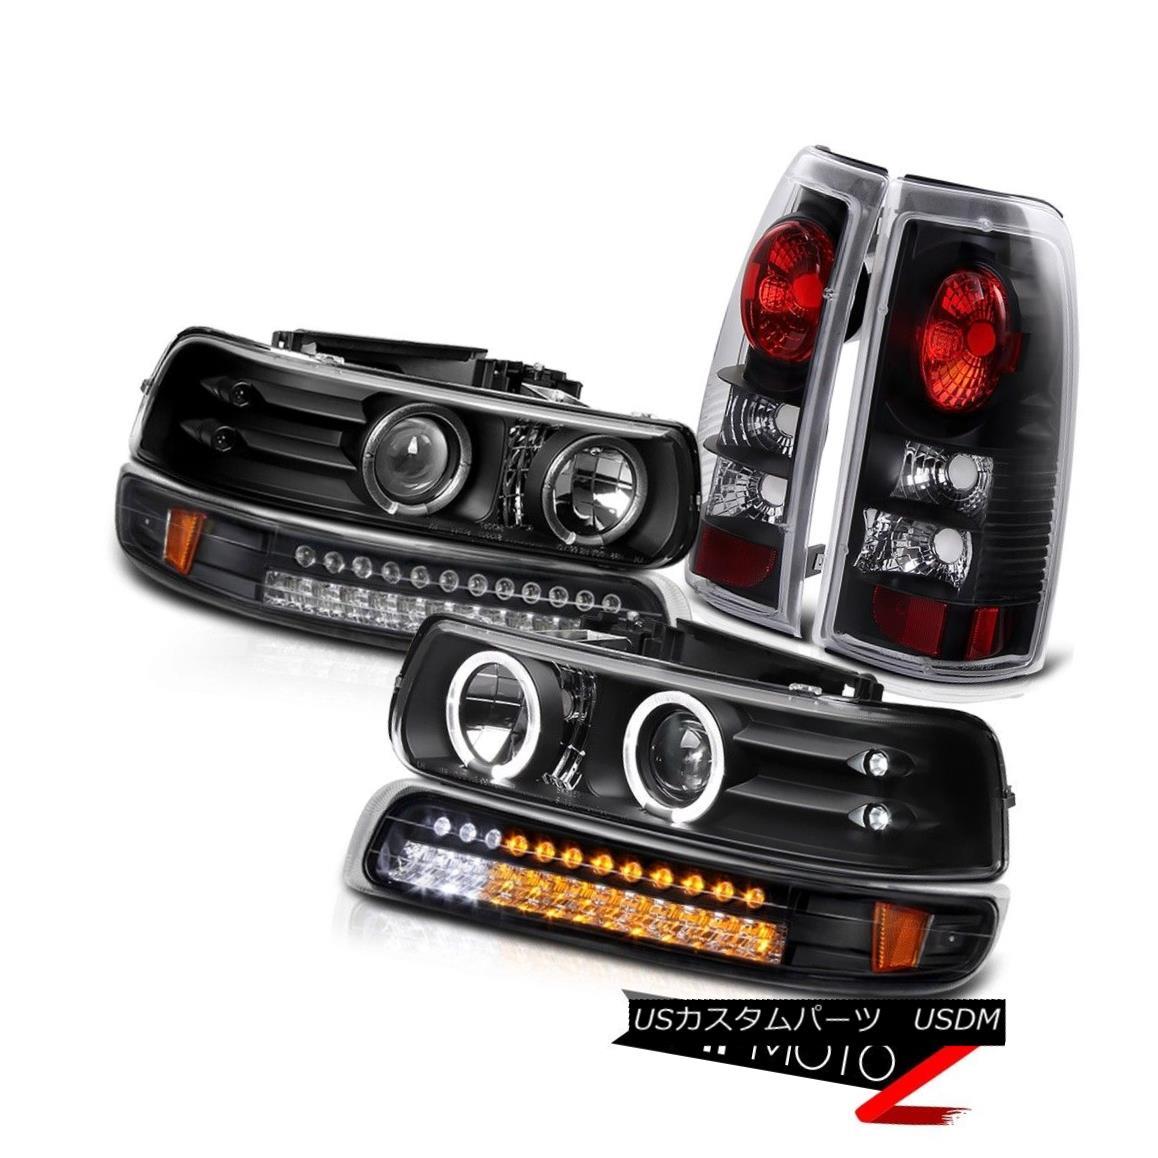 テールライト 99-02 Chevrolet Silverado Truck LED DRL Parking Bumper Tail Light Headlight Lamp 99-02シボレーシルバラードトラックLED DRLパーキングバンパーテールライトヘッドライトランプ